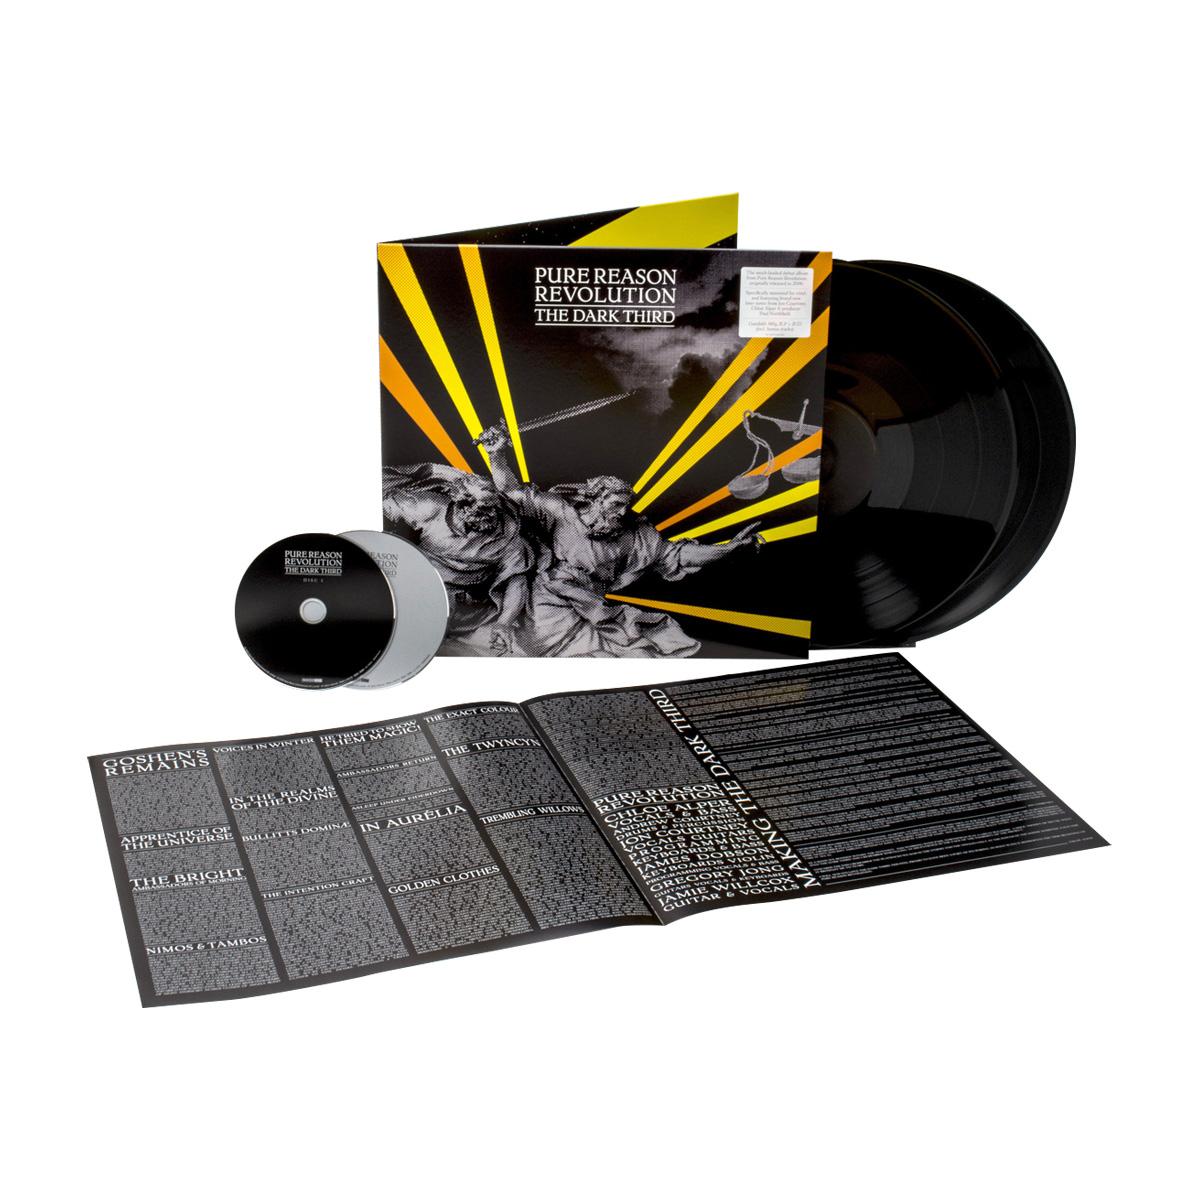 Pure Reason Revolution - The Dark Third (2020 Reissue) Black 2 LP + 2 CD